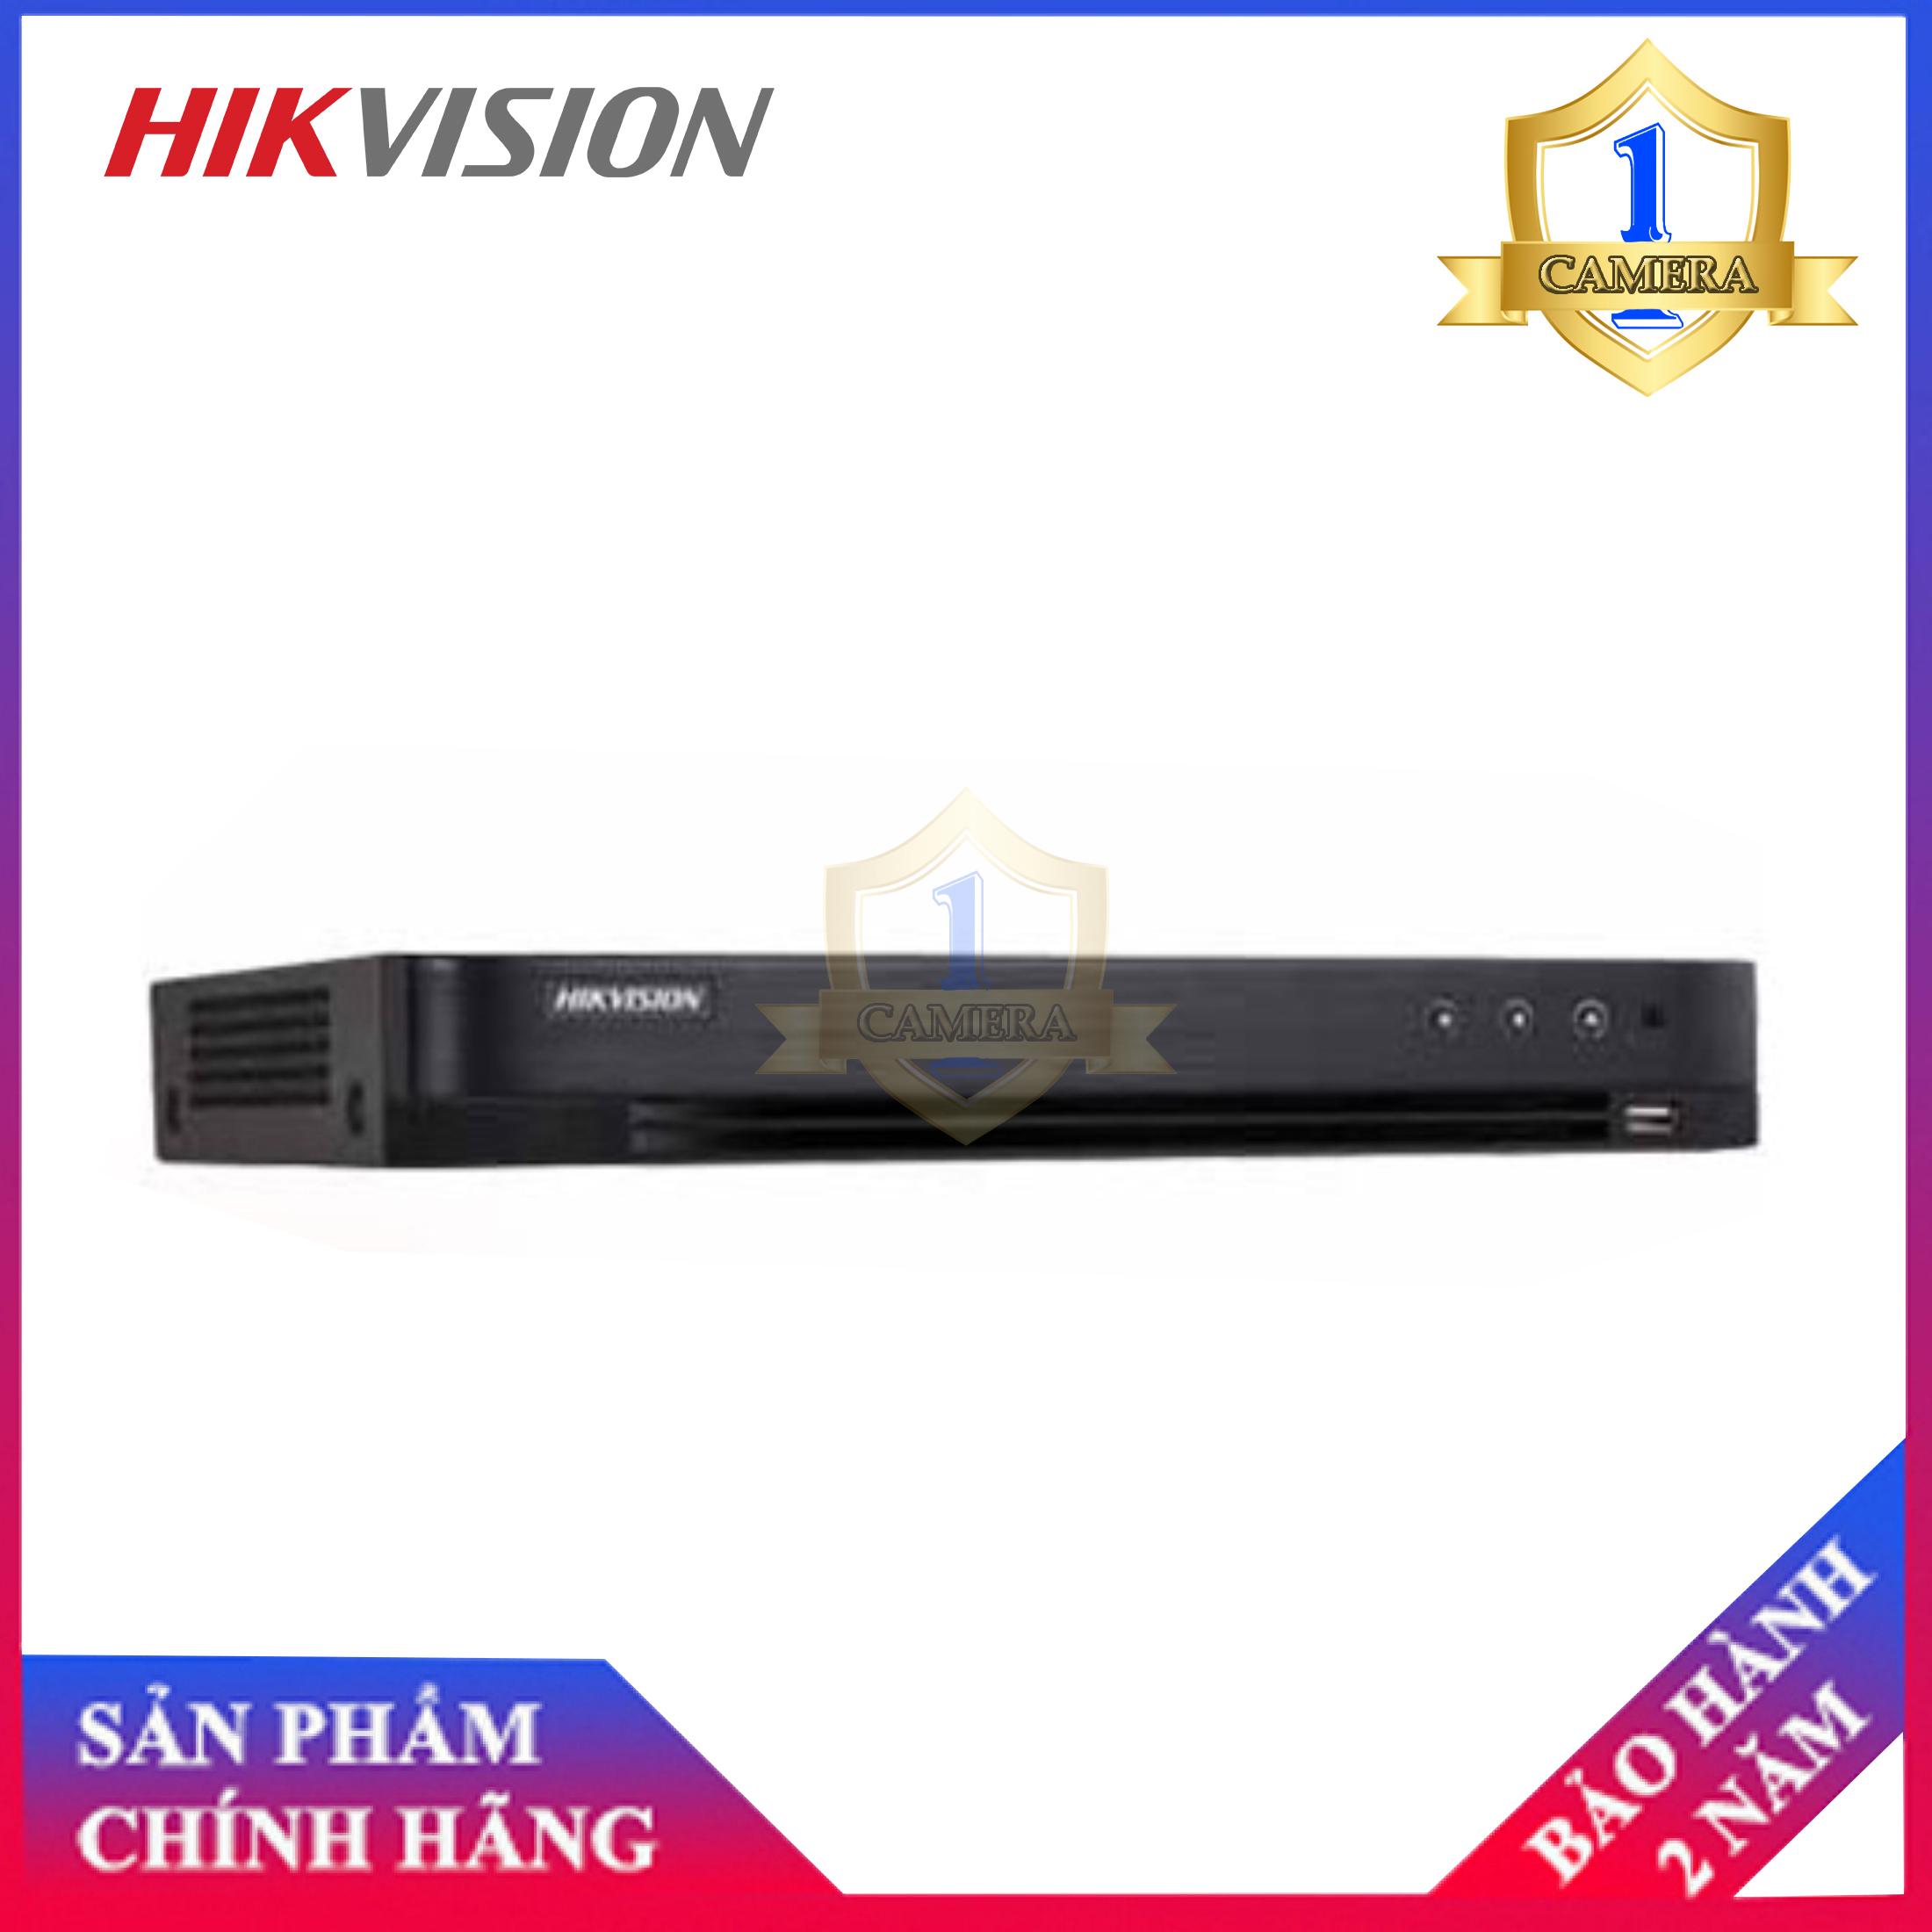 Đầu ghi 8 kênh Hikvision DS-7208HUHI-K1 (không hổ trợ cổng Alarm )